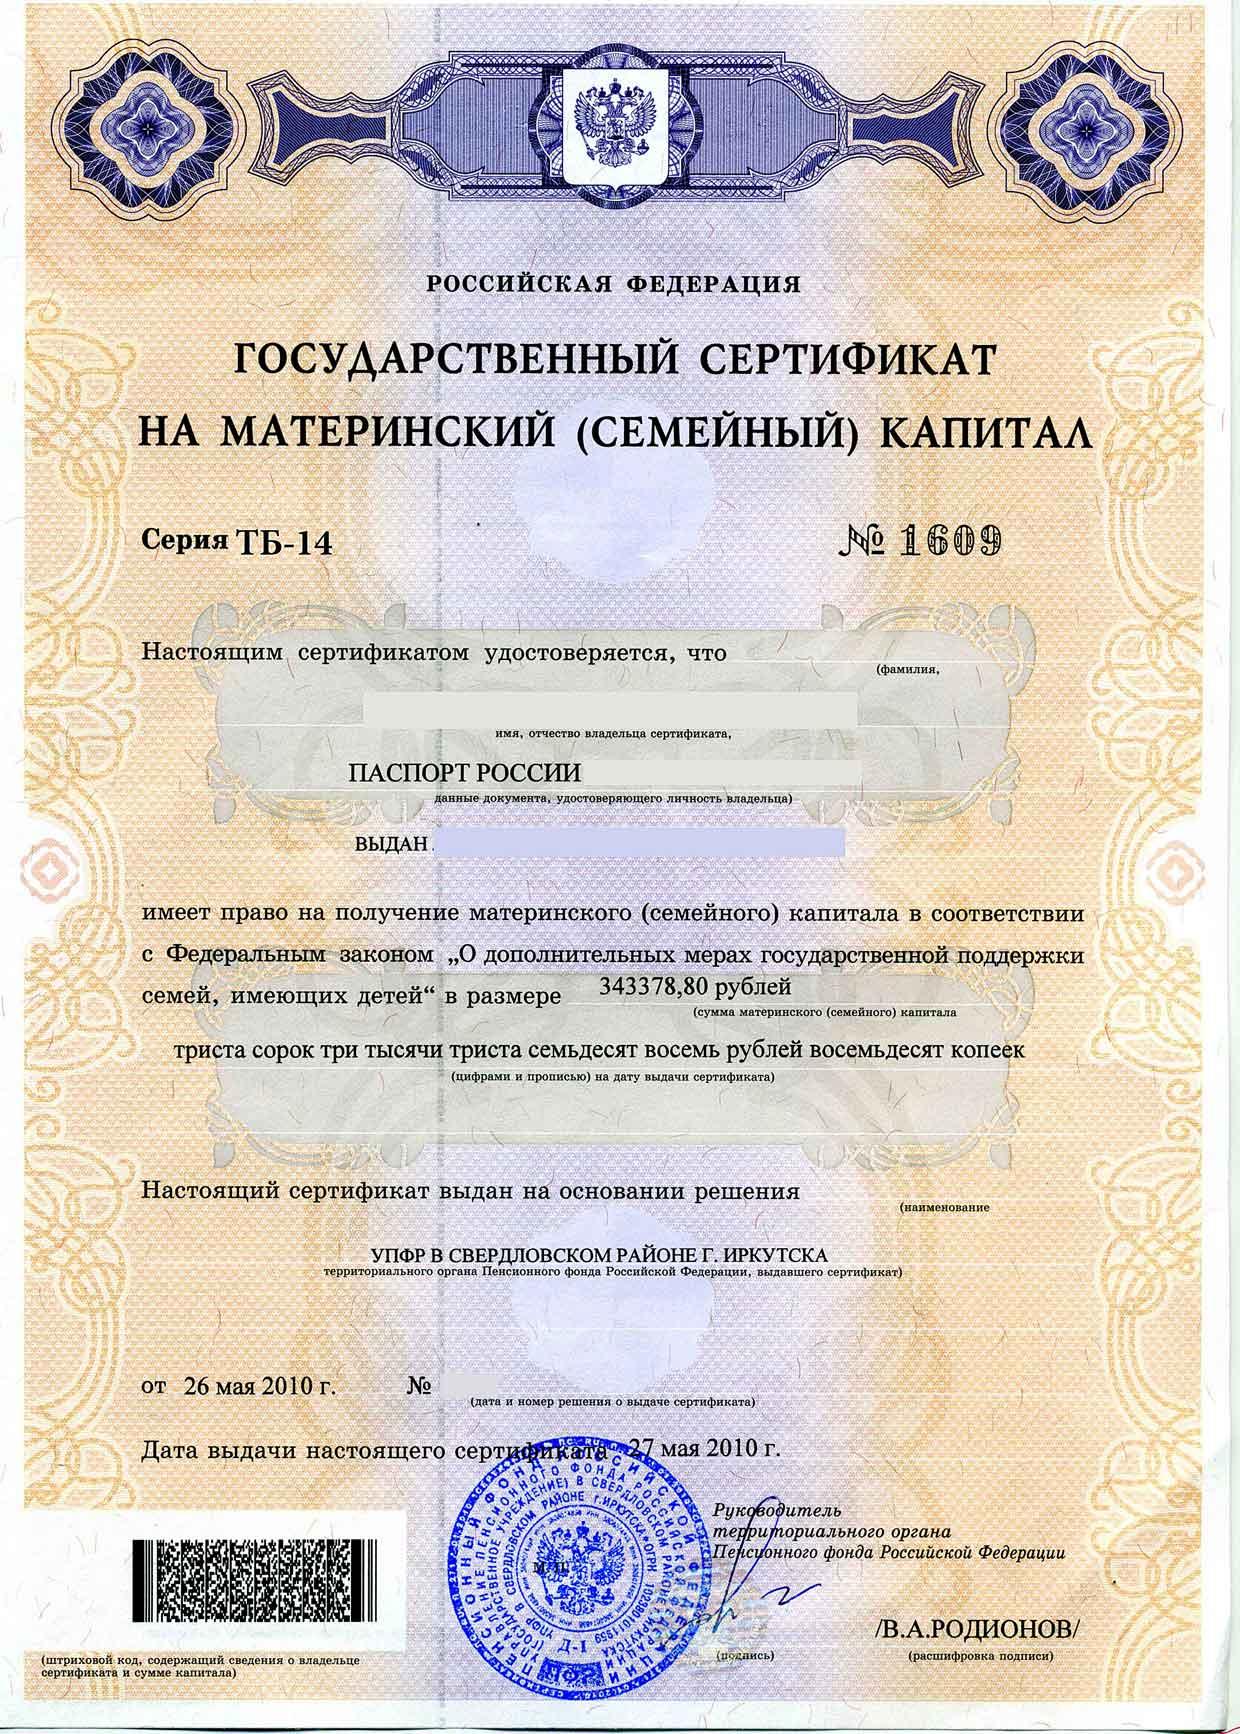 Заявление о реструктуризации кредита образец промсвязьбанк